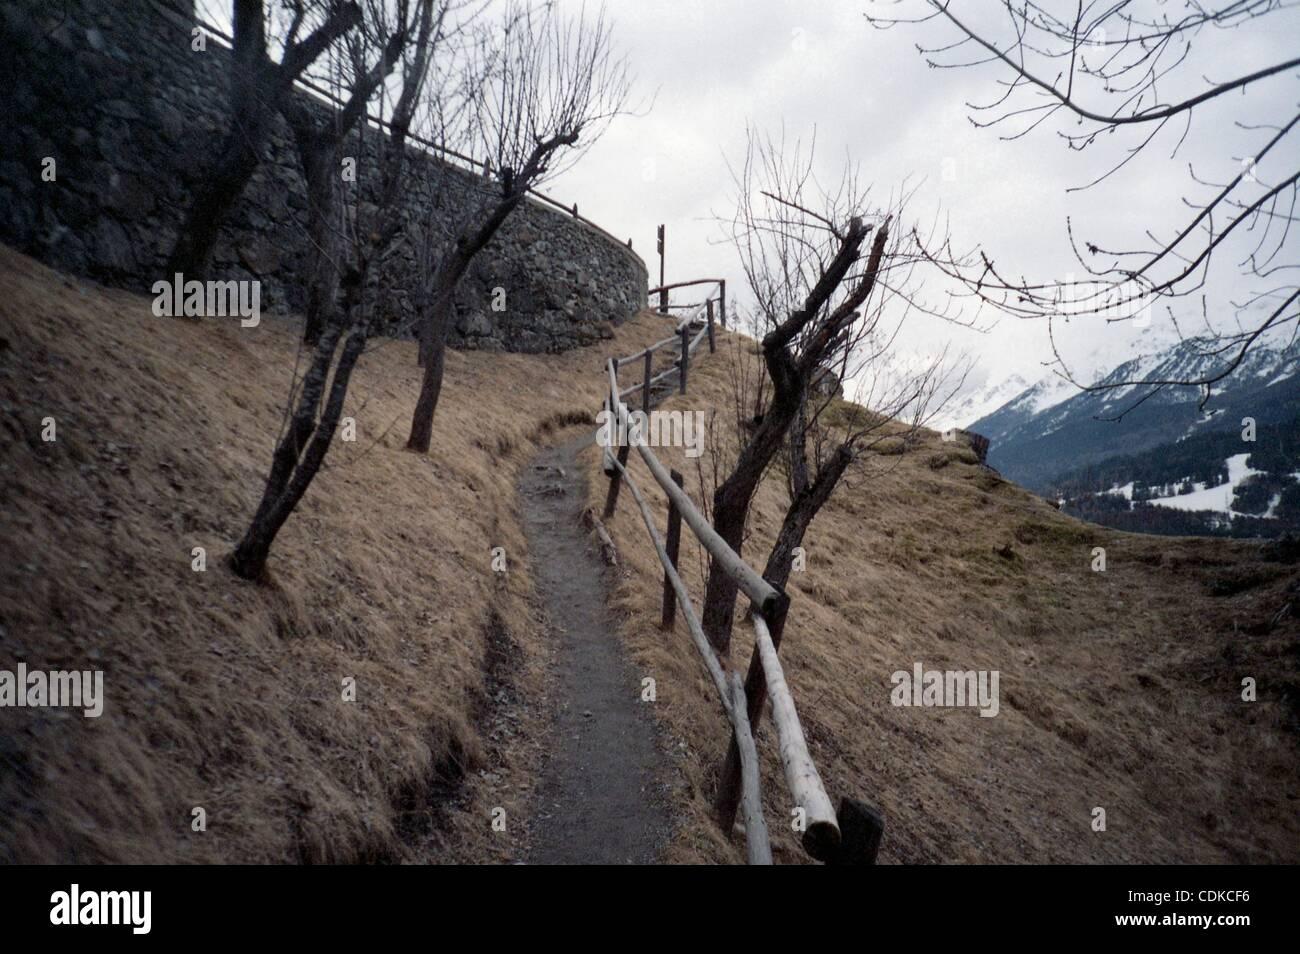 Bormio Bagni Stock Photos & Bormio Bagni Stock Images - Alamy